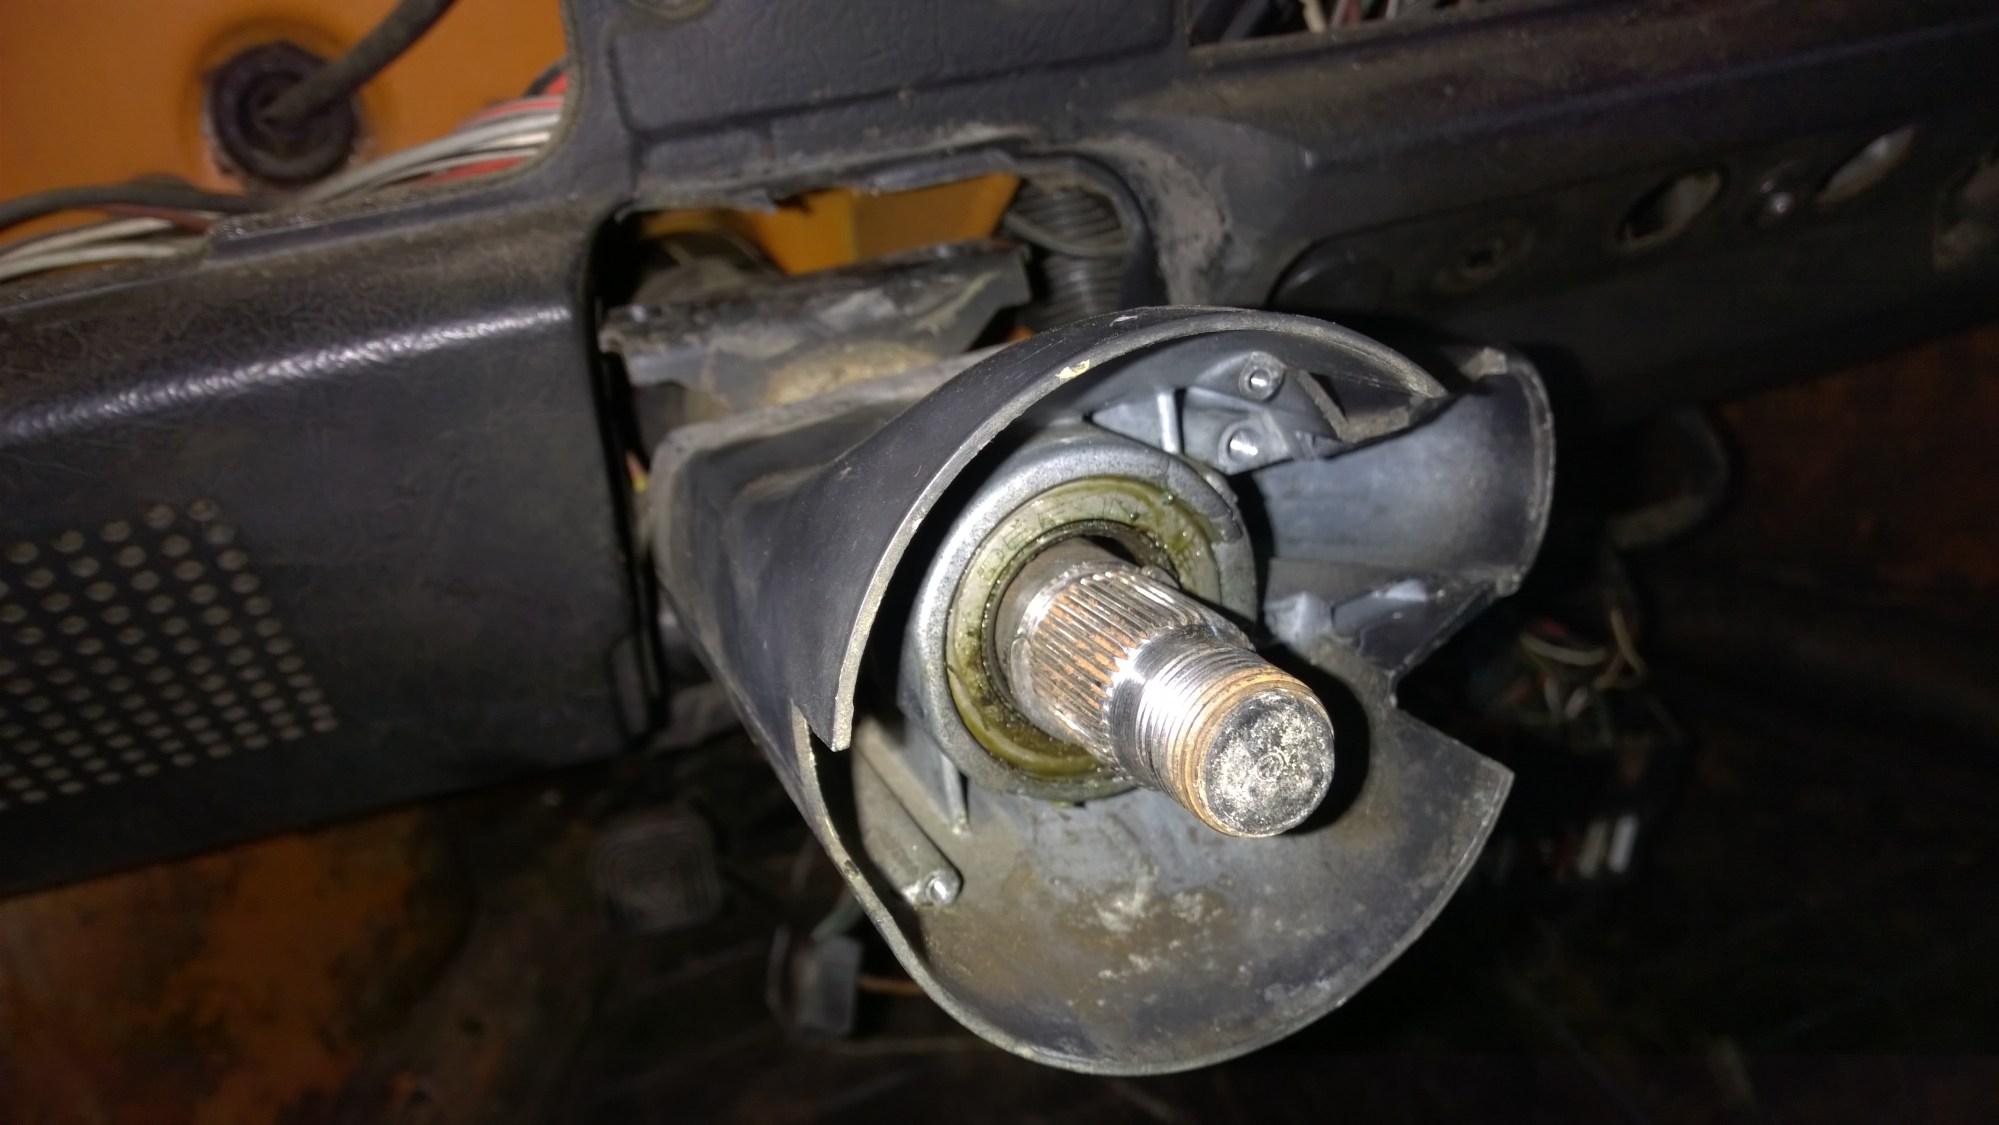 hight resolution of porsche 356 ignition switch wiring diagram porsche 356 joe leoni electrics 356 porsche wiring schematics